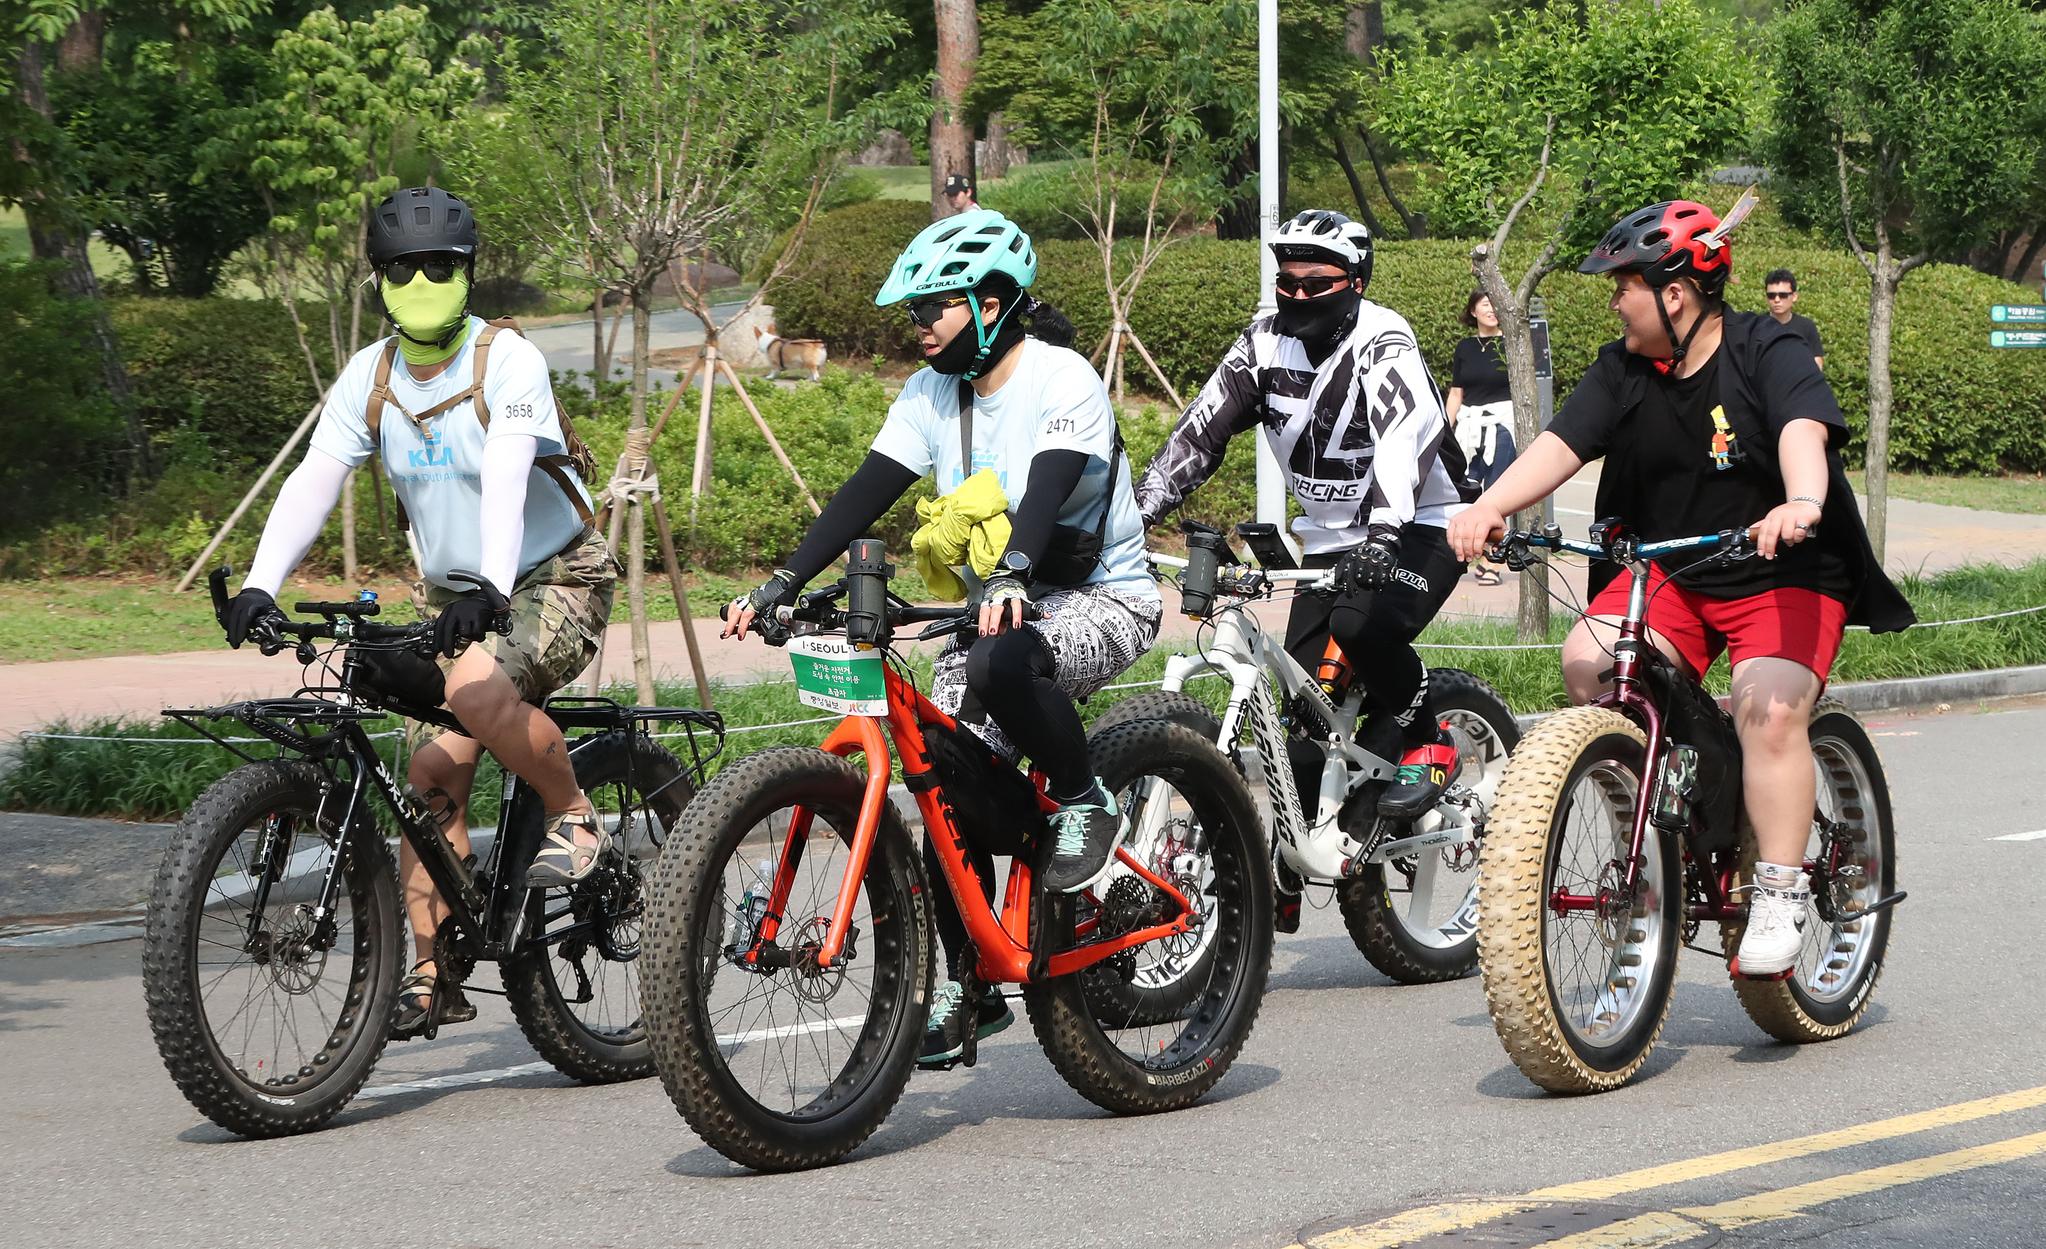 오토바이를 연상하게 하는 굵직한 바퀴를 단 자전거를 탑승한 참가자들. 우상조 기자